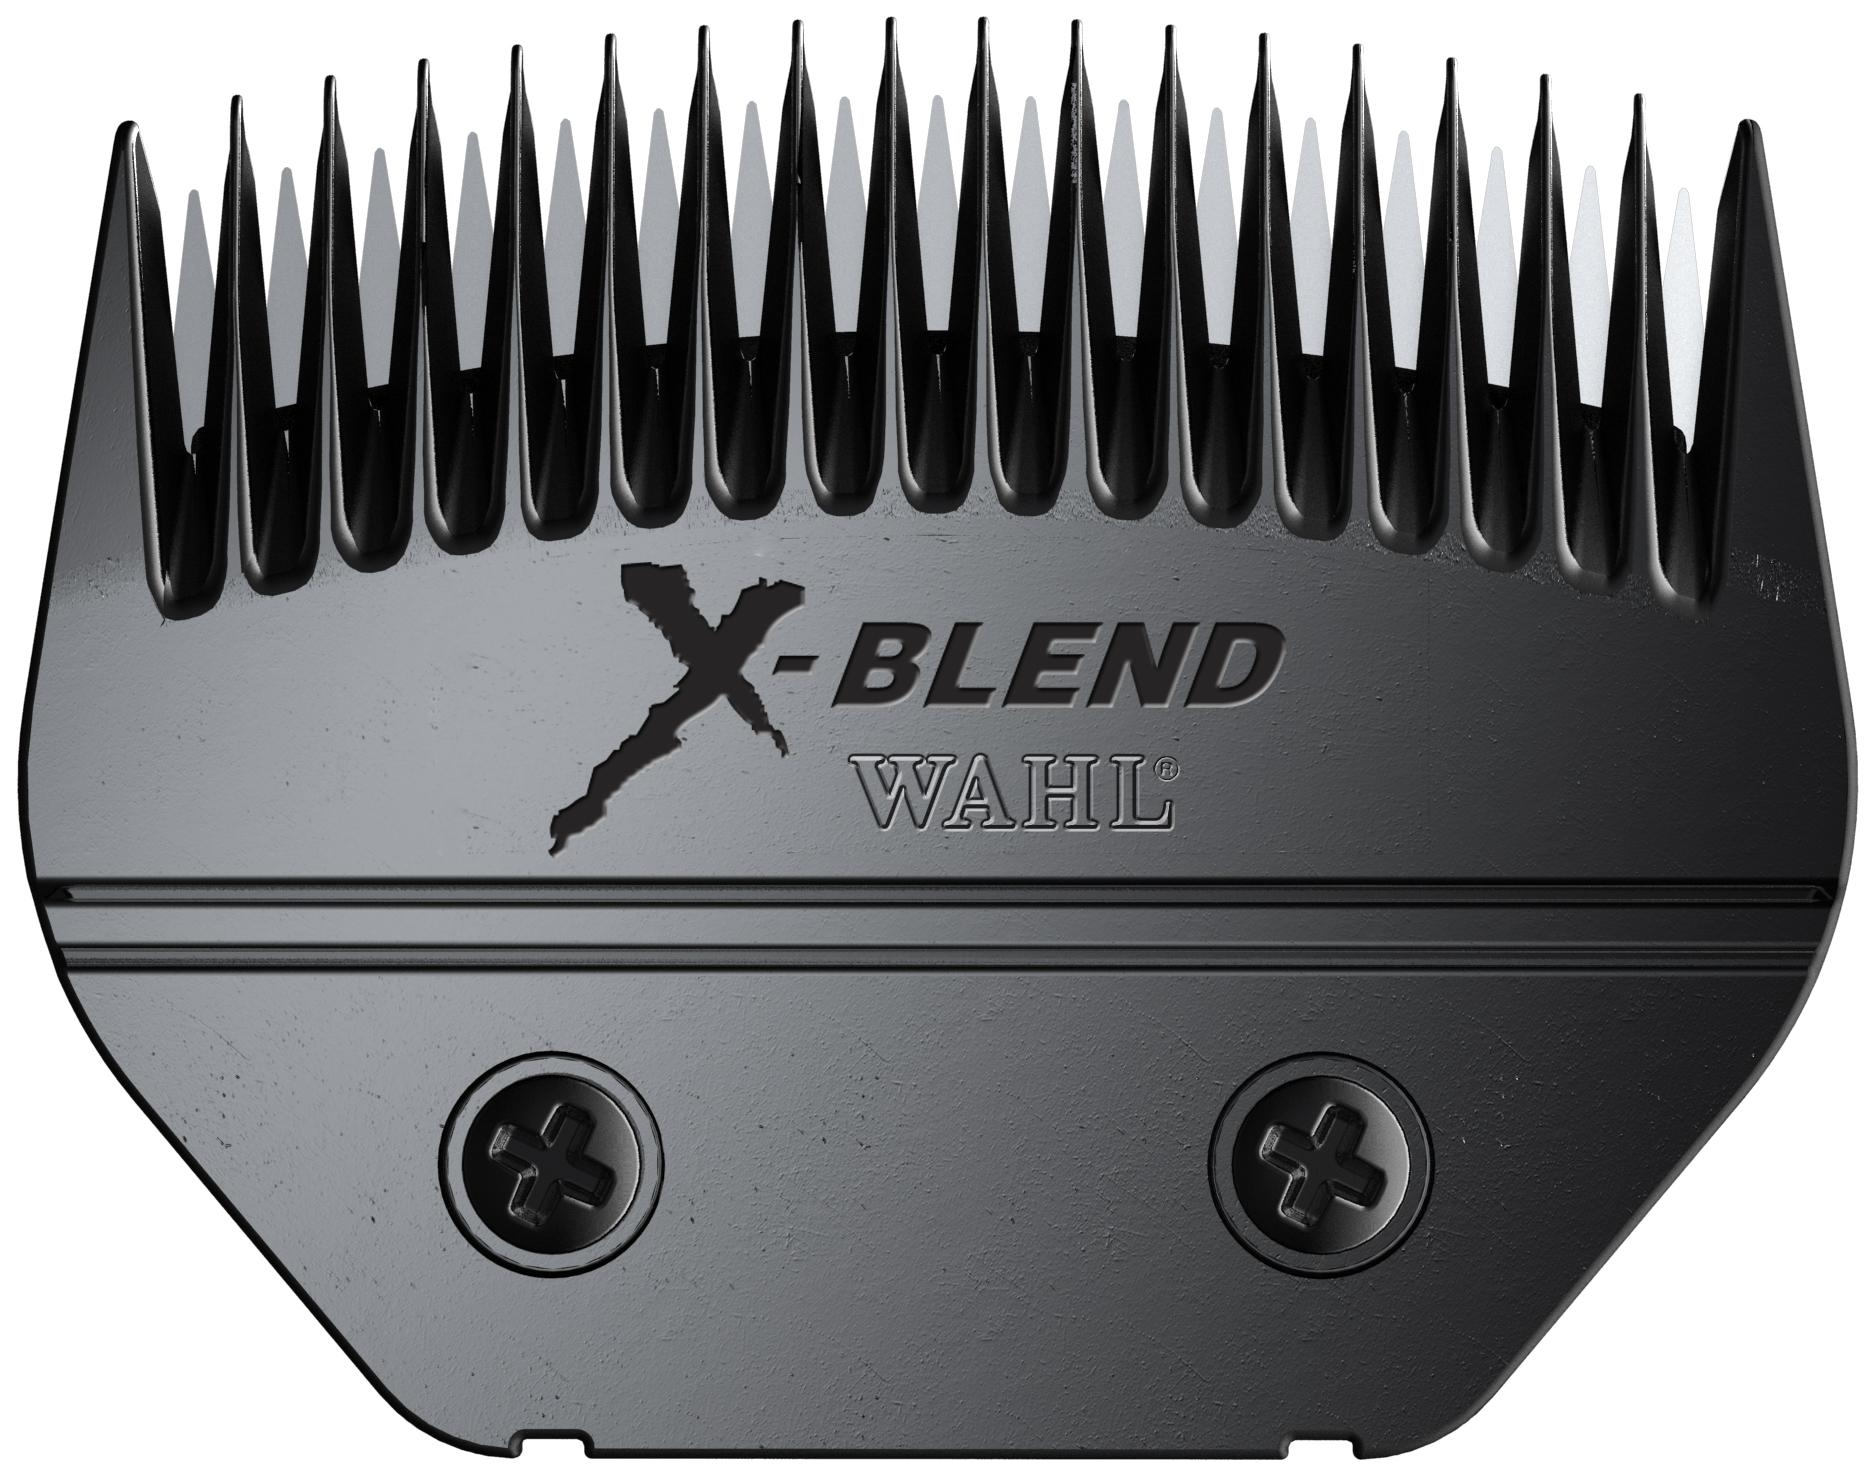 WAHL X-BLEND CATTLE BLENDING BLADE